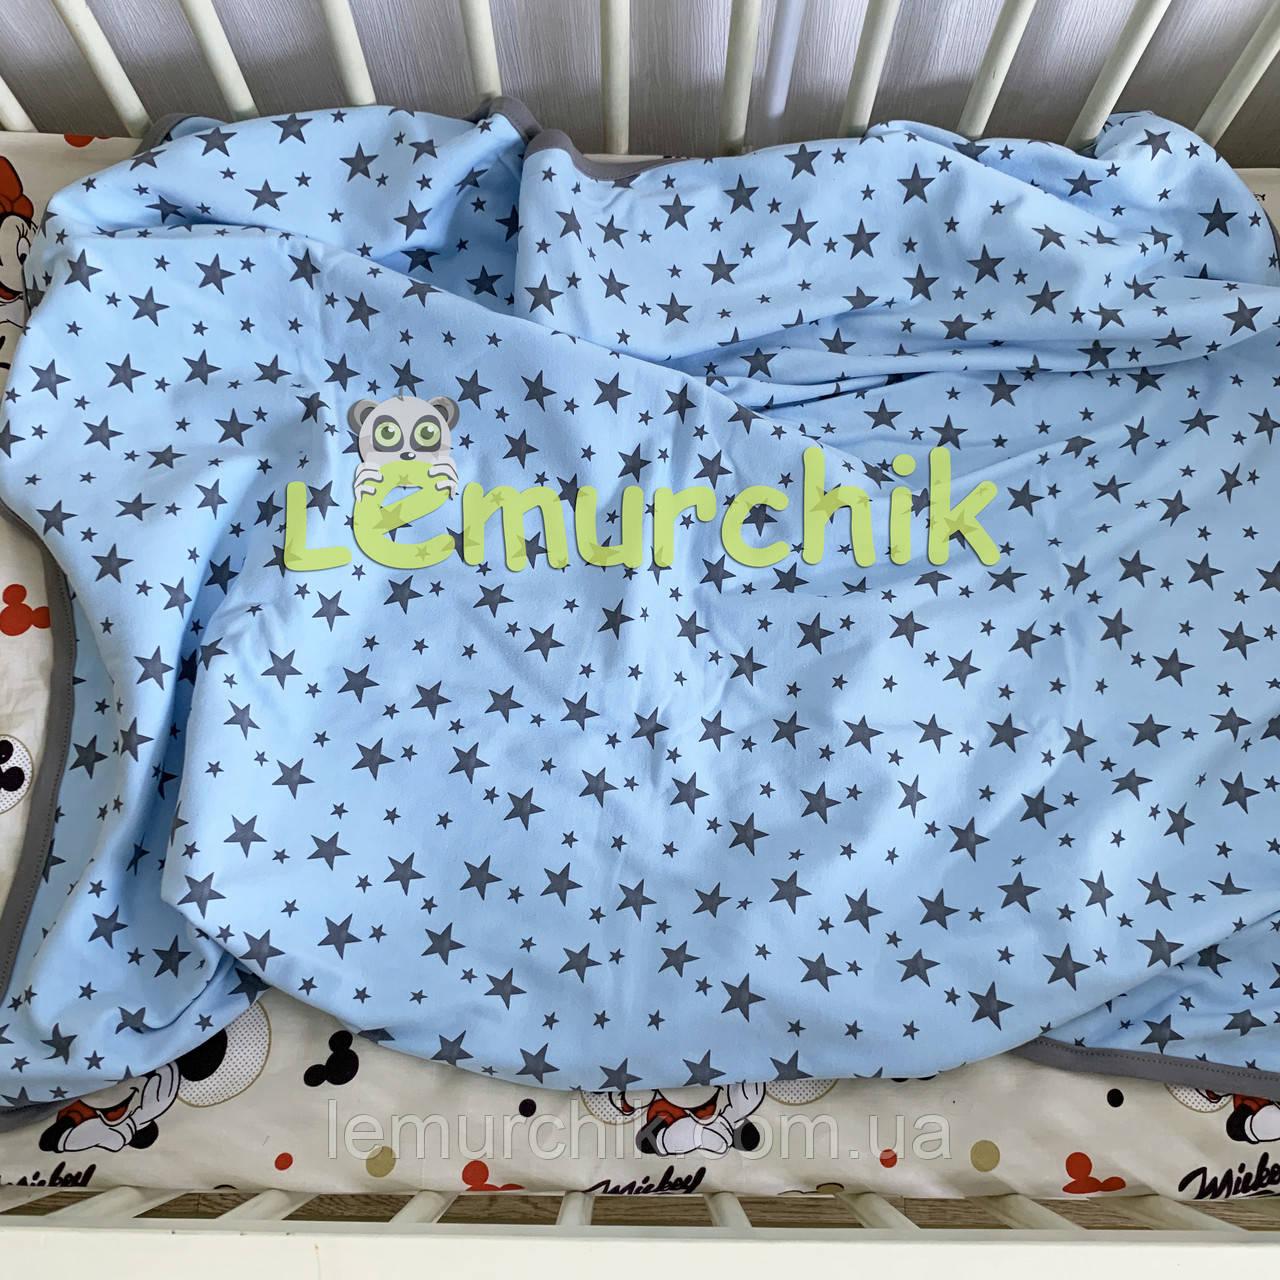 """Конверт-плед двухсторонний для новорожденных легкий на выписку и в коляску """"Звездочка"""" голубой"""